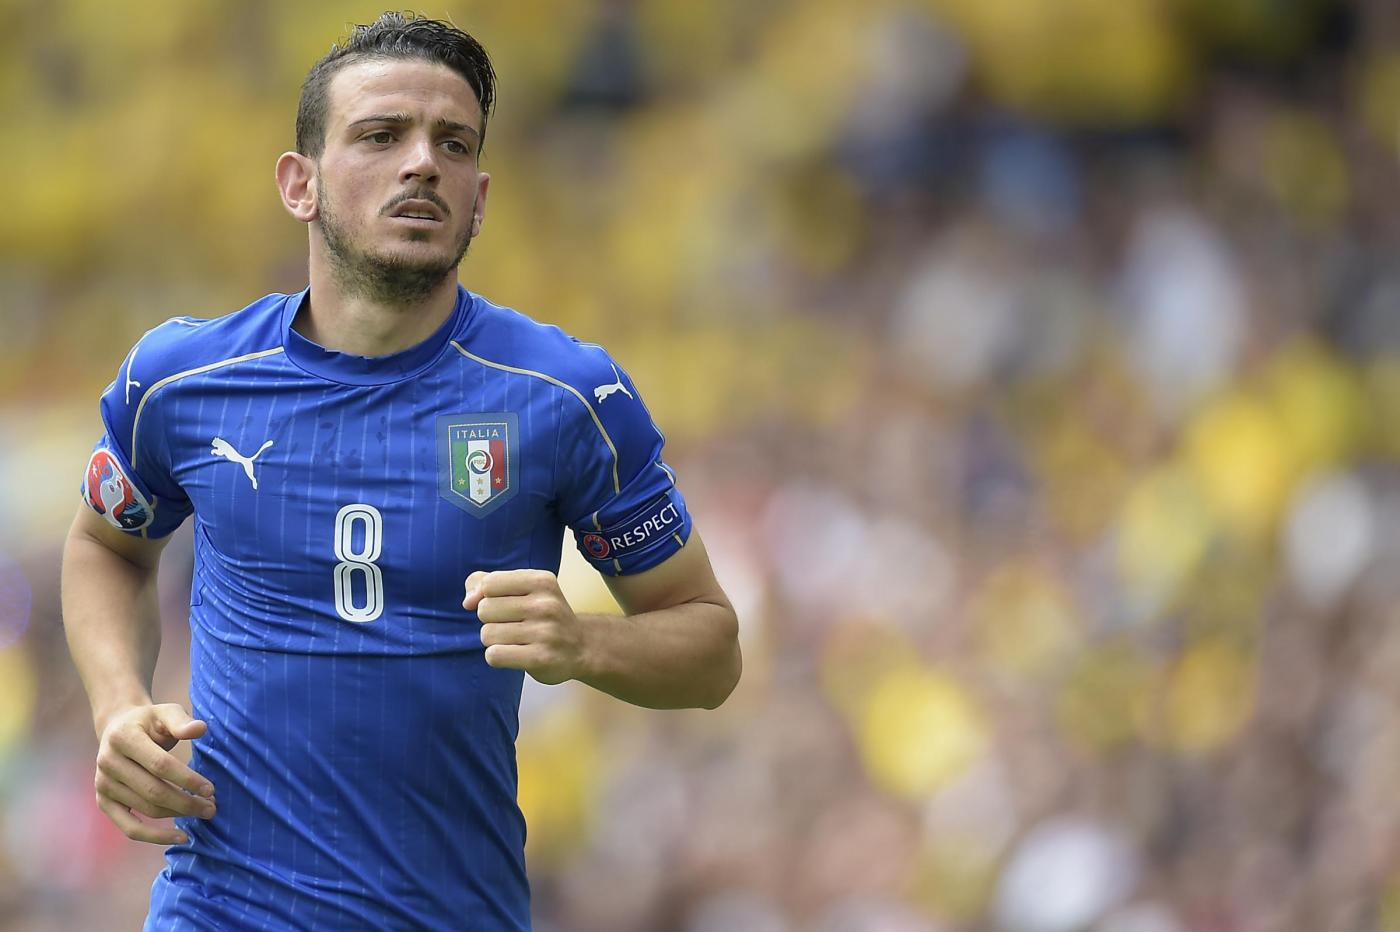 Europei 2016 Italia Svezia Stade de Toulouse, Tolosa Fase a gironi Gruppo E